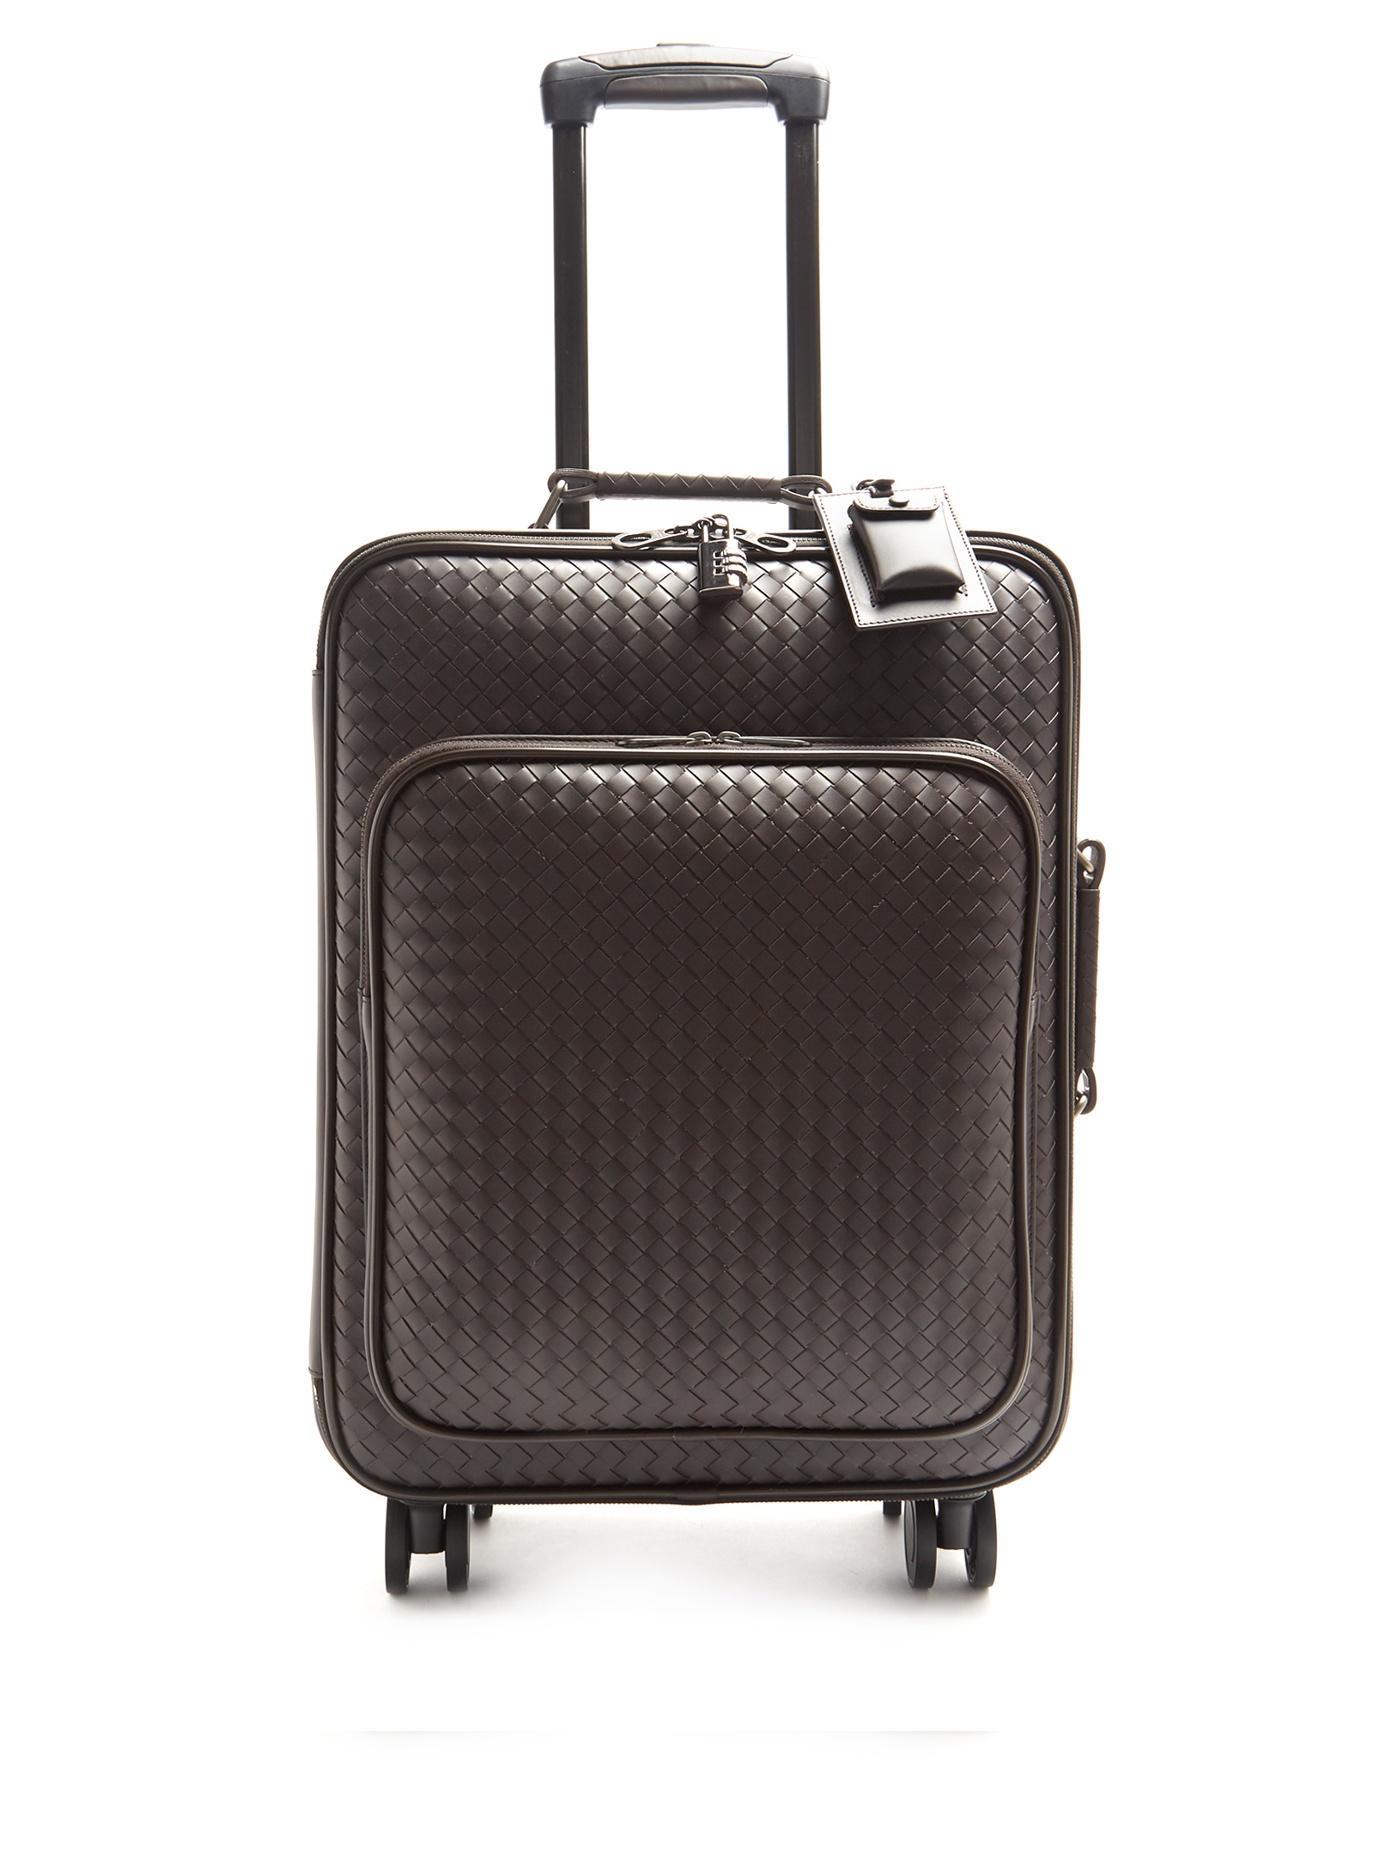 dd6c3446aa Bottega Veneta Intrecciato Leather Suitcase In Black